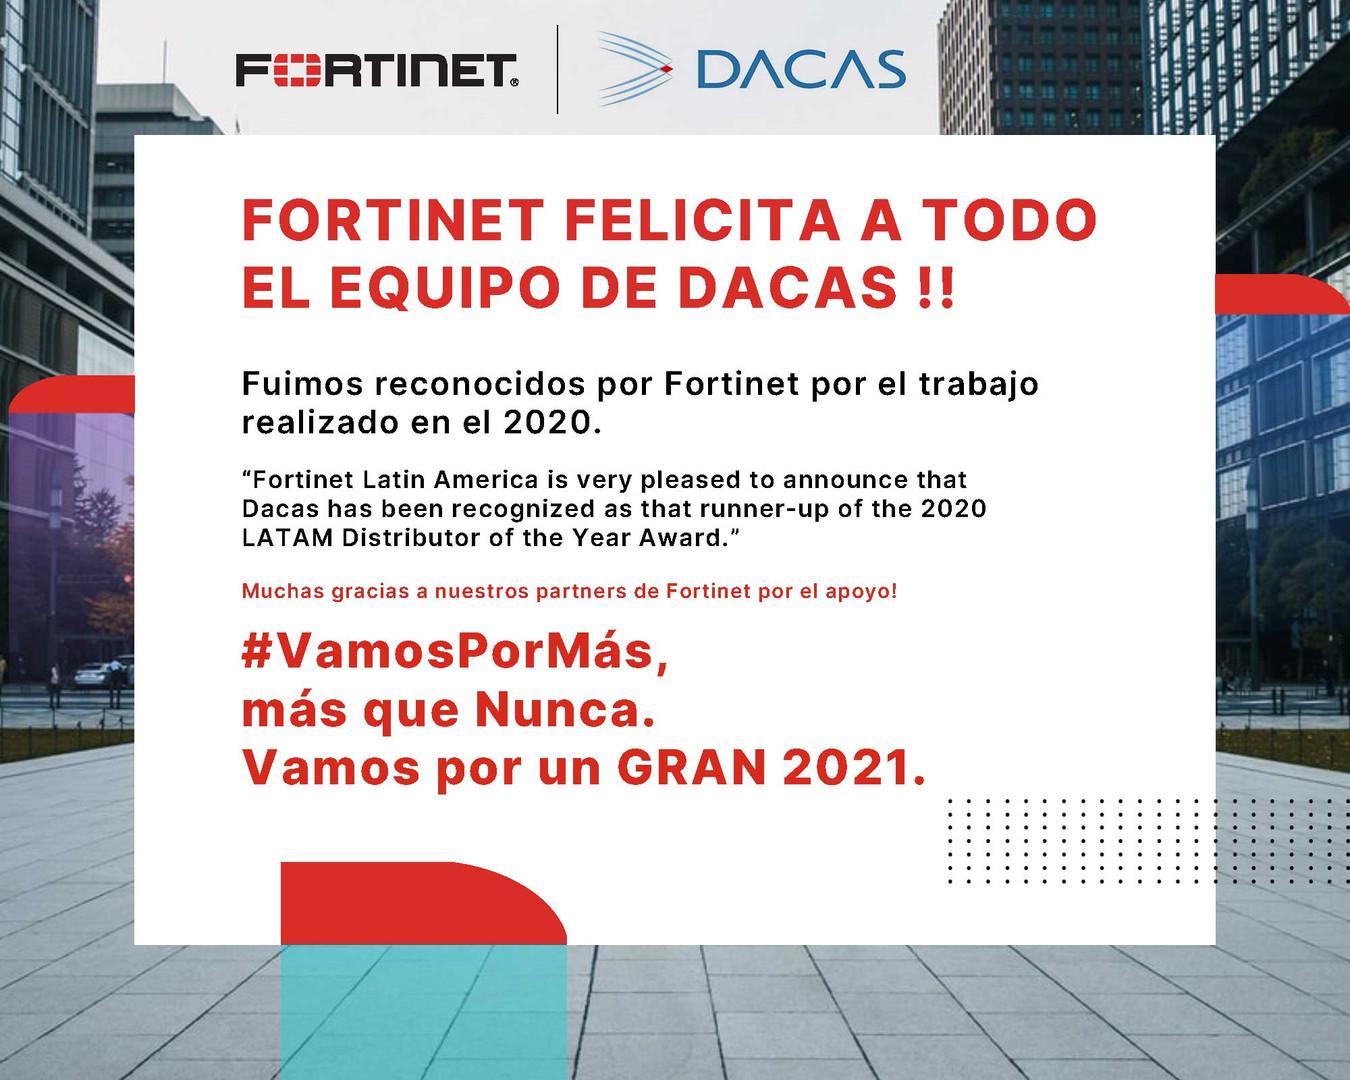 dACAS-FORTINET.jpg